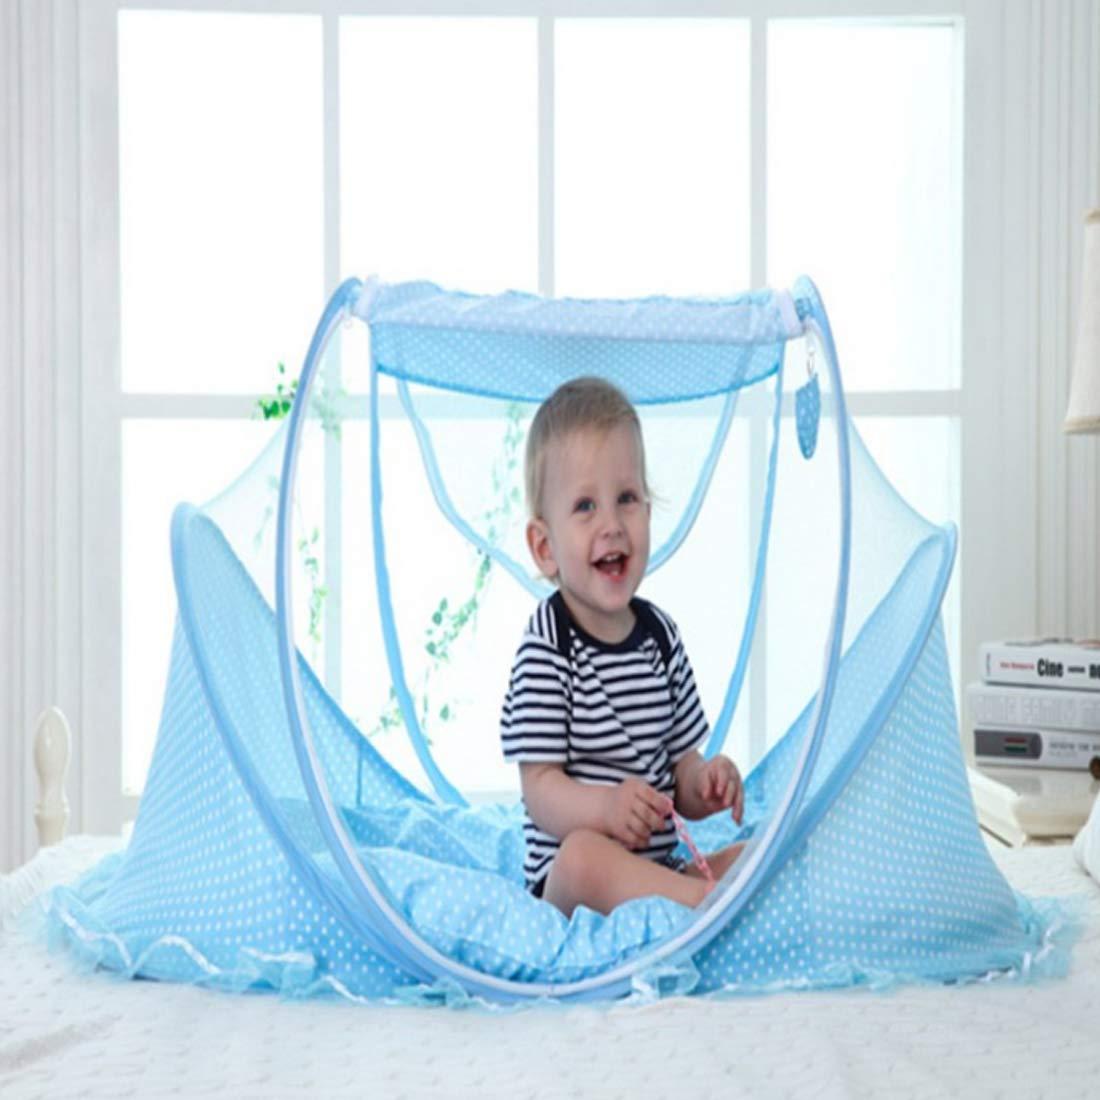 Pop Up Babybett TETAKE Reisebett Baby Faltbar Schlafkorb Baby mit Moskitonetz und Matratze f/ür 0-3 Jahre Baby Sommer Moskitonetz f/ür Kinder 110 * 65 * 60cm